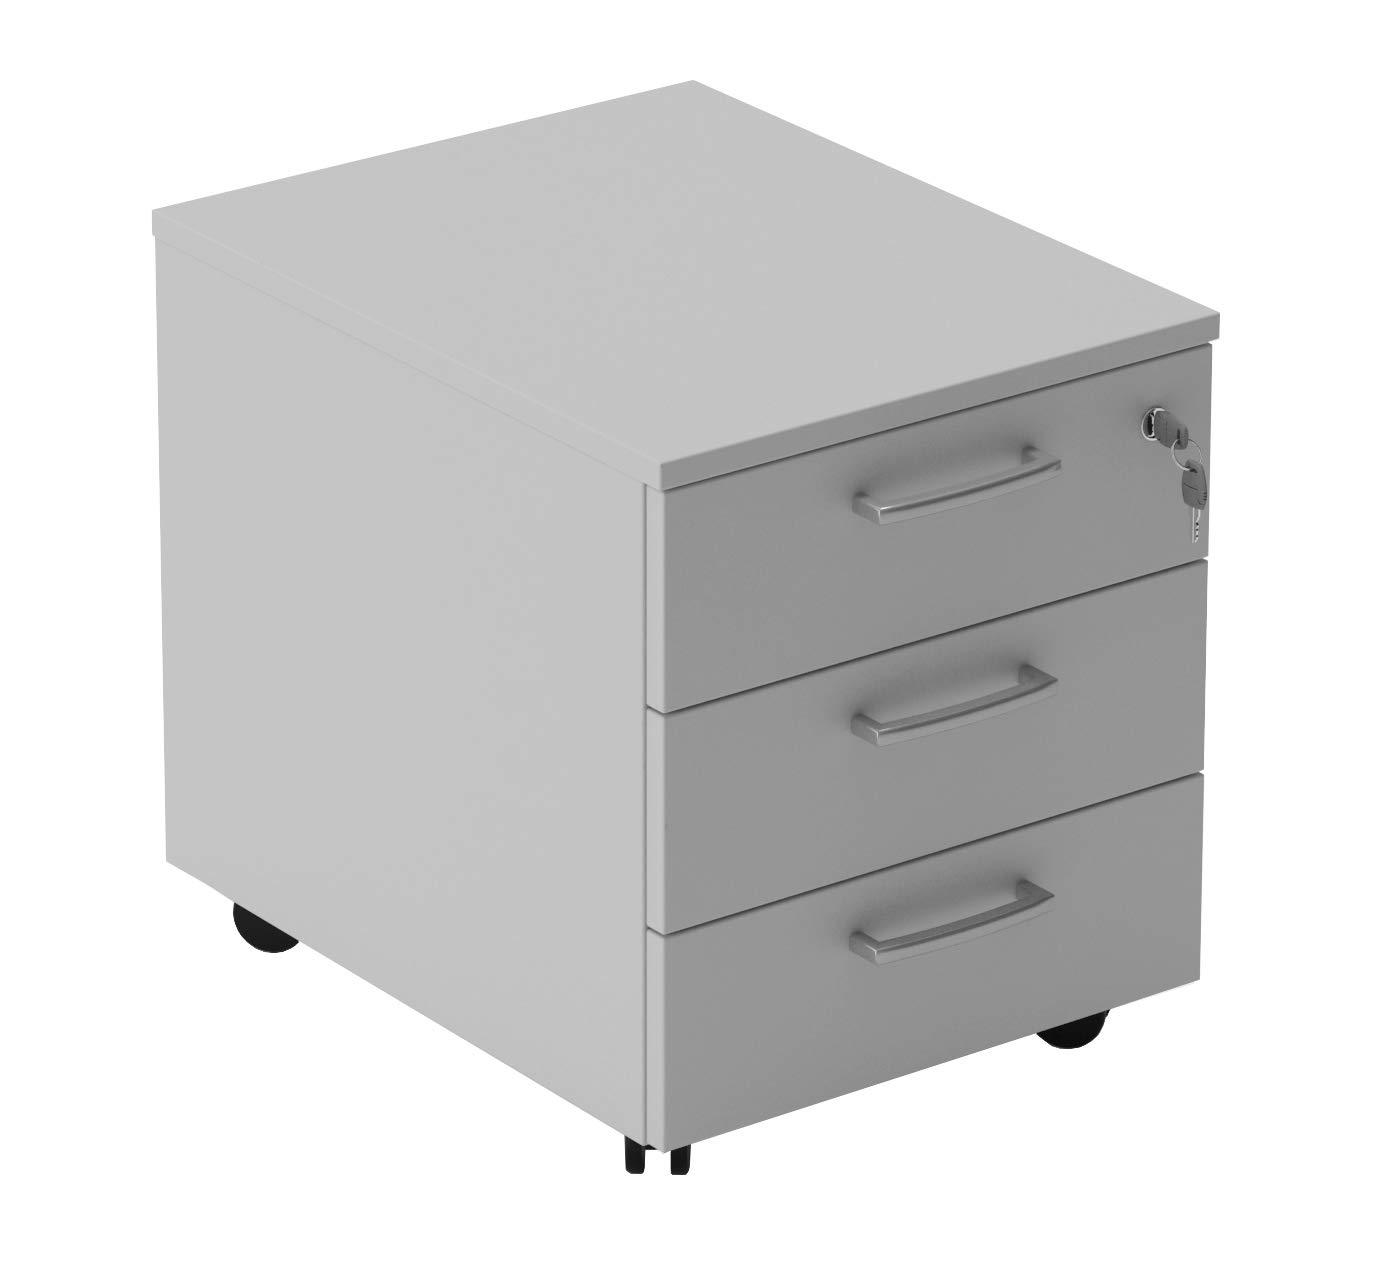 Cassettiera da ufficio con Rotelle, Montaggio Facile, L 42 x P 56 x H 51 cm Colore Bianco o Grigio (Grigio) Seipo